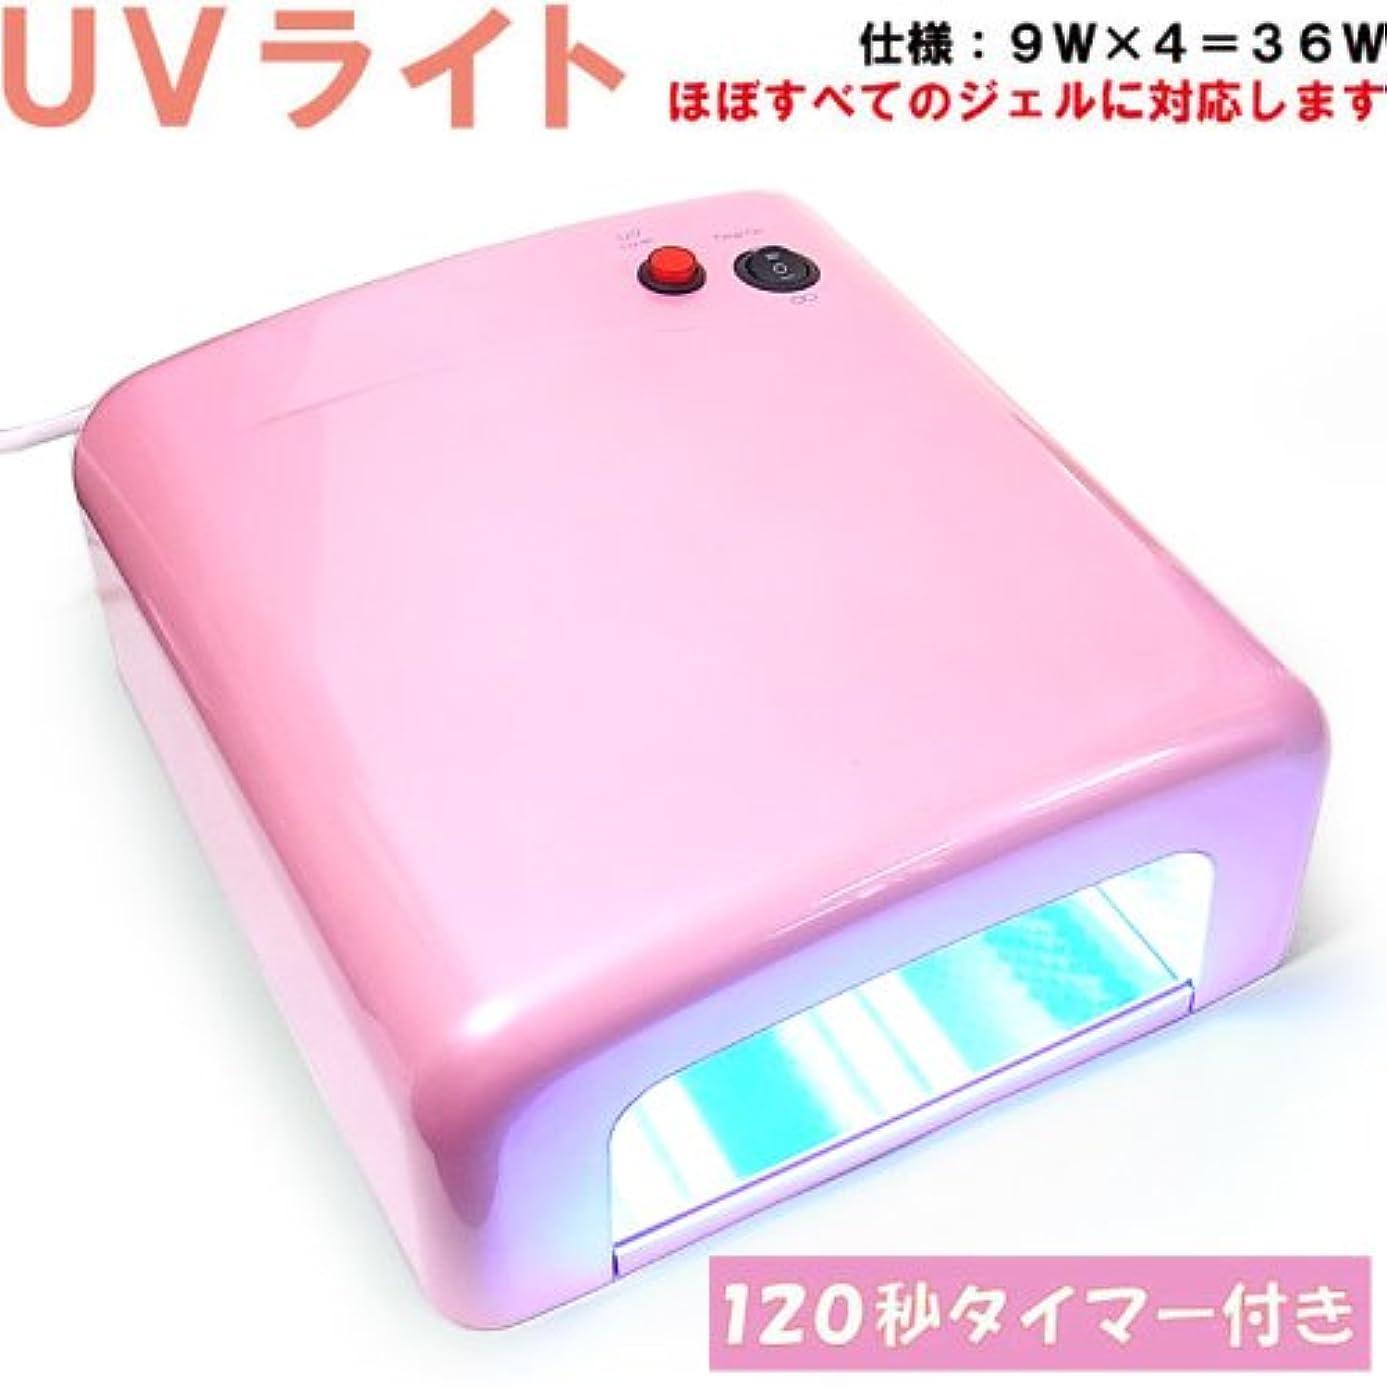 水差し禁輸肌ジェルネイル用UVライト36W(電球9W×4本付き)UVランプ【ピンク】